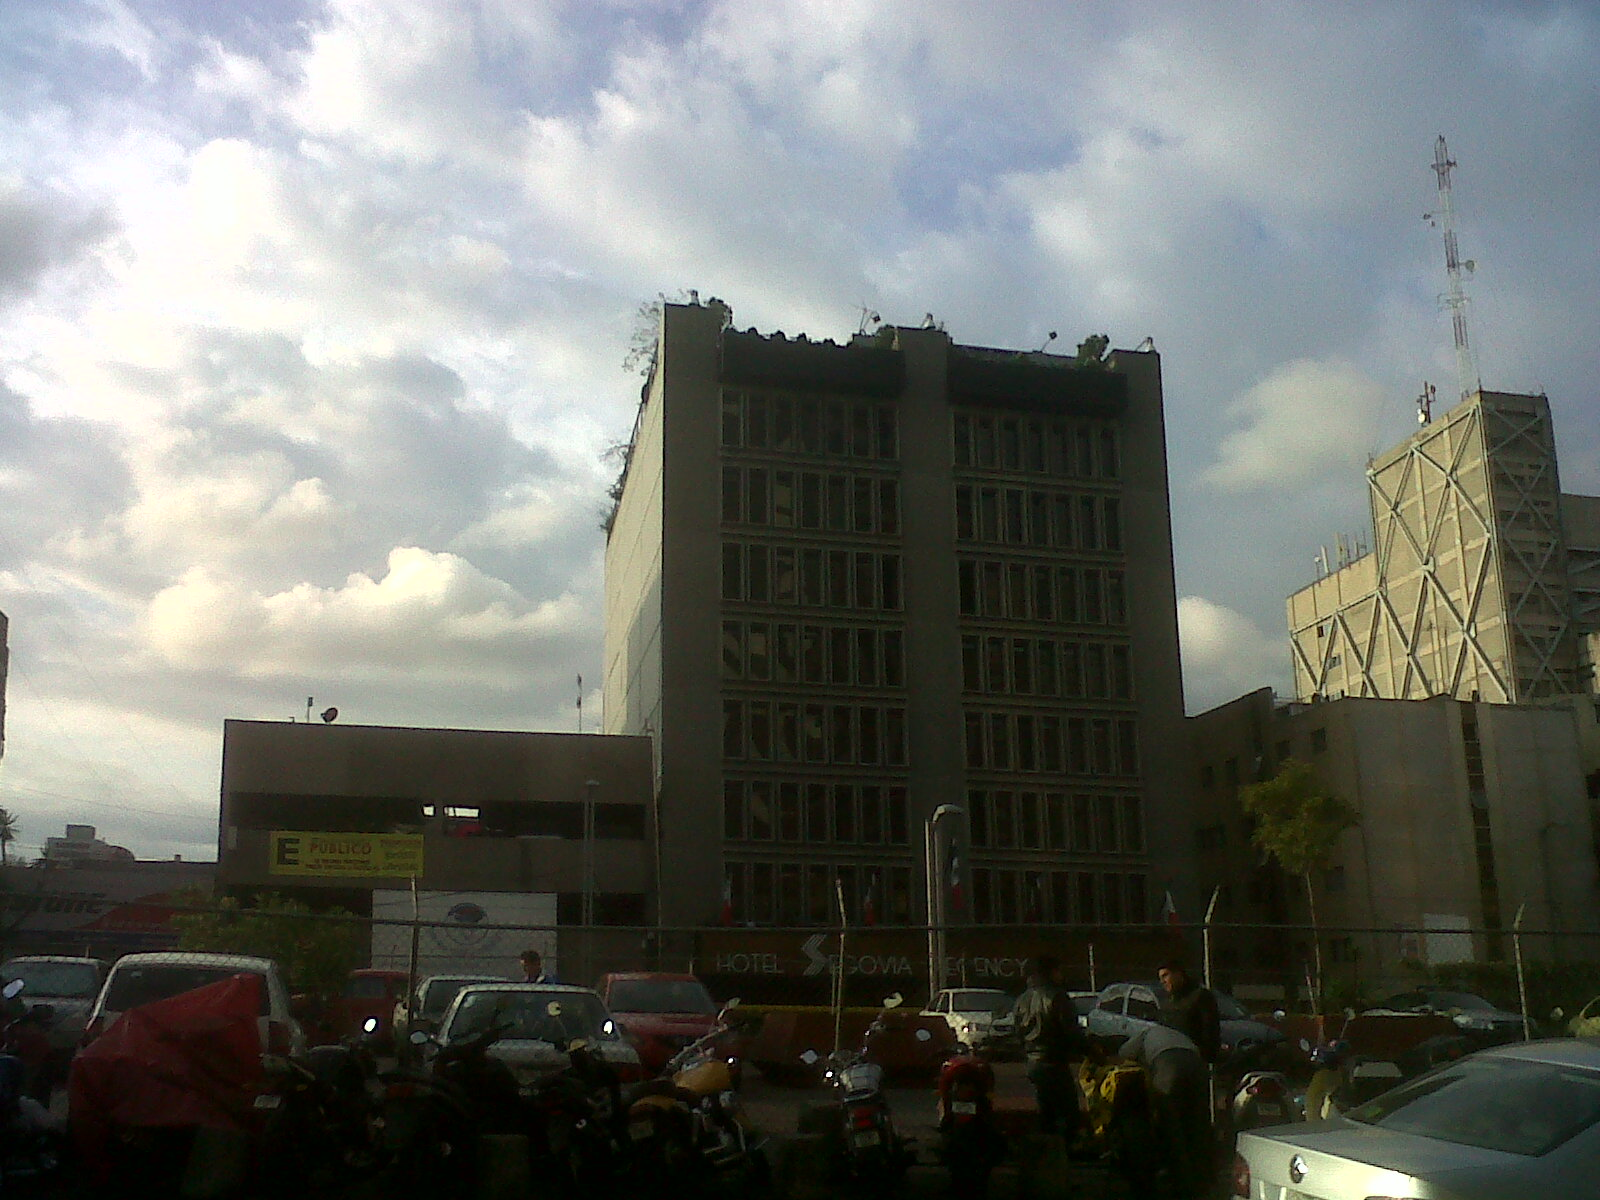 Mex hotel segovia regency at chapultepec oct12